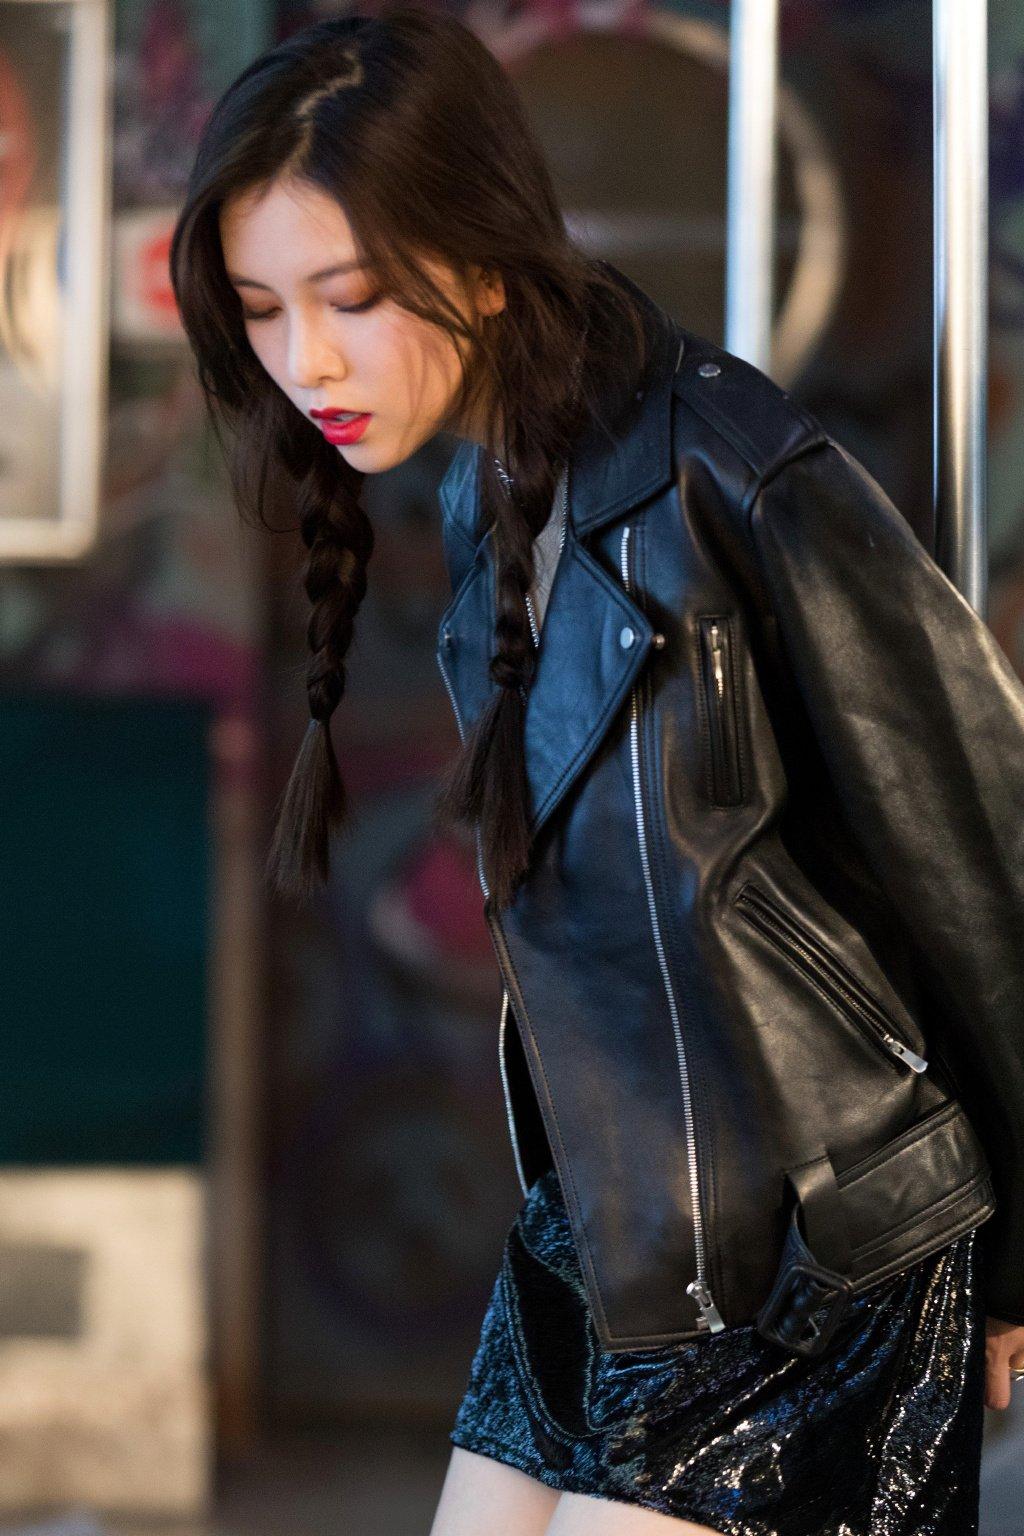 宋妍霏魅力性感杂志花絮照图片